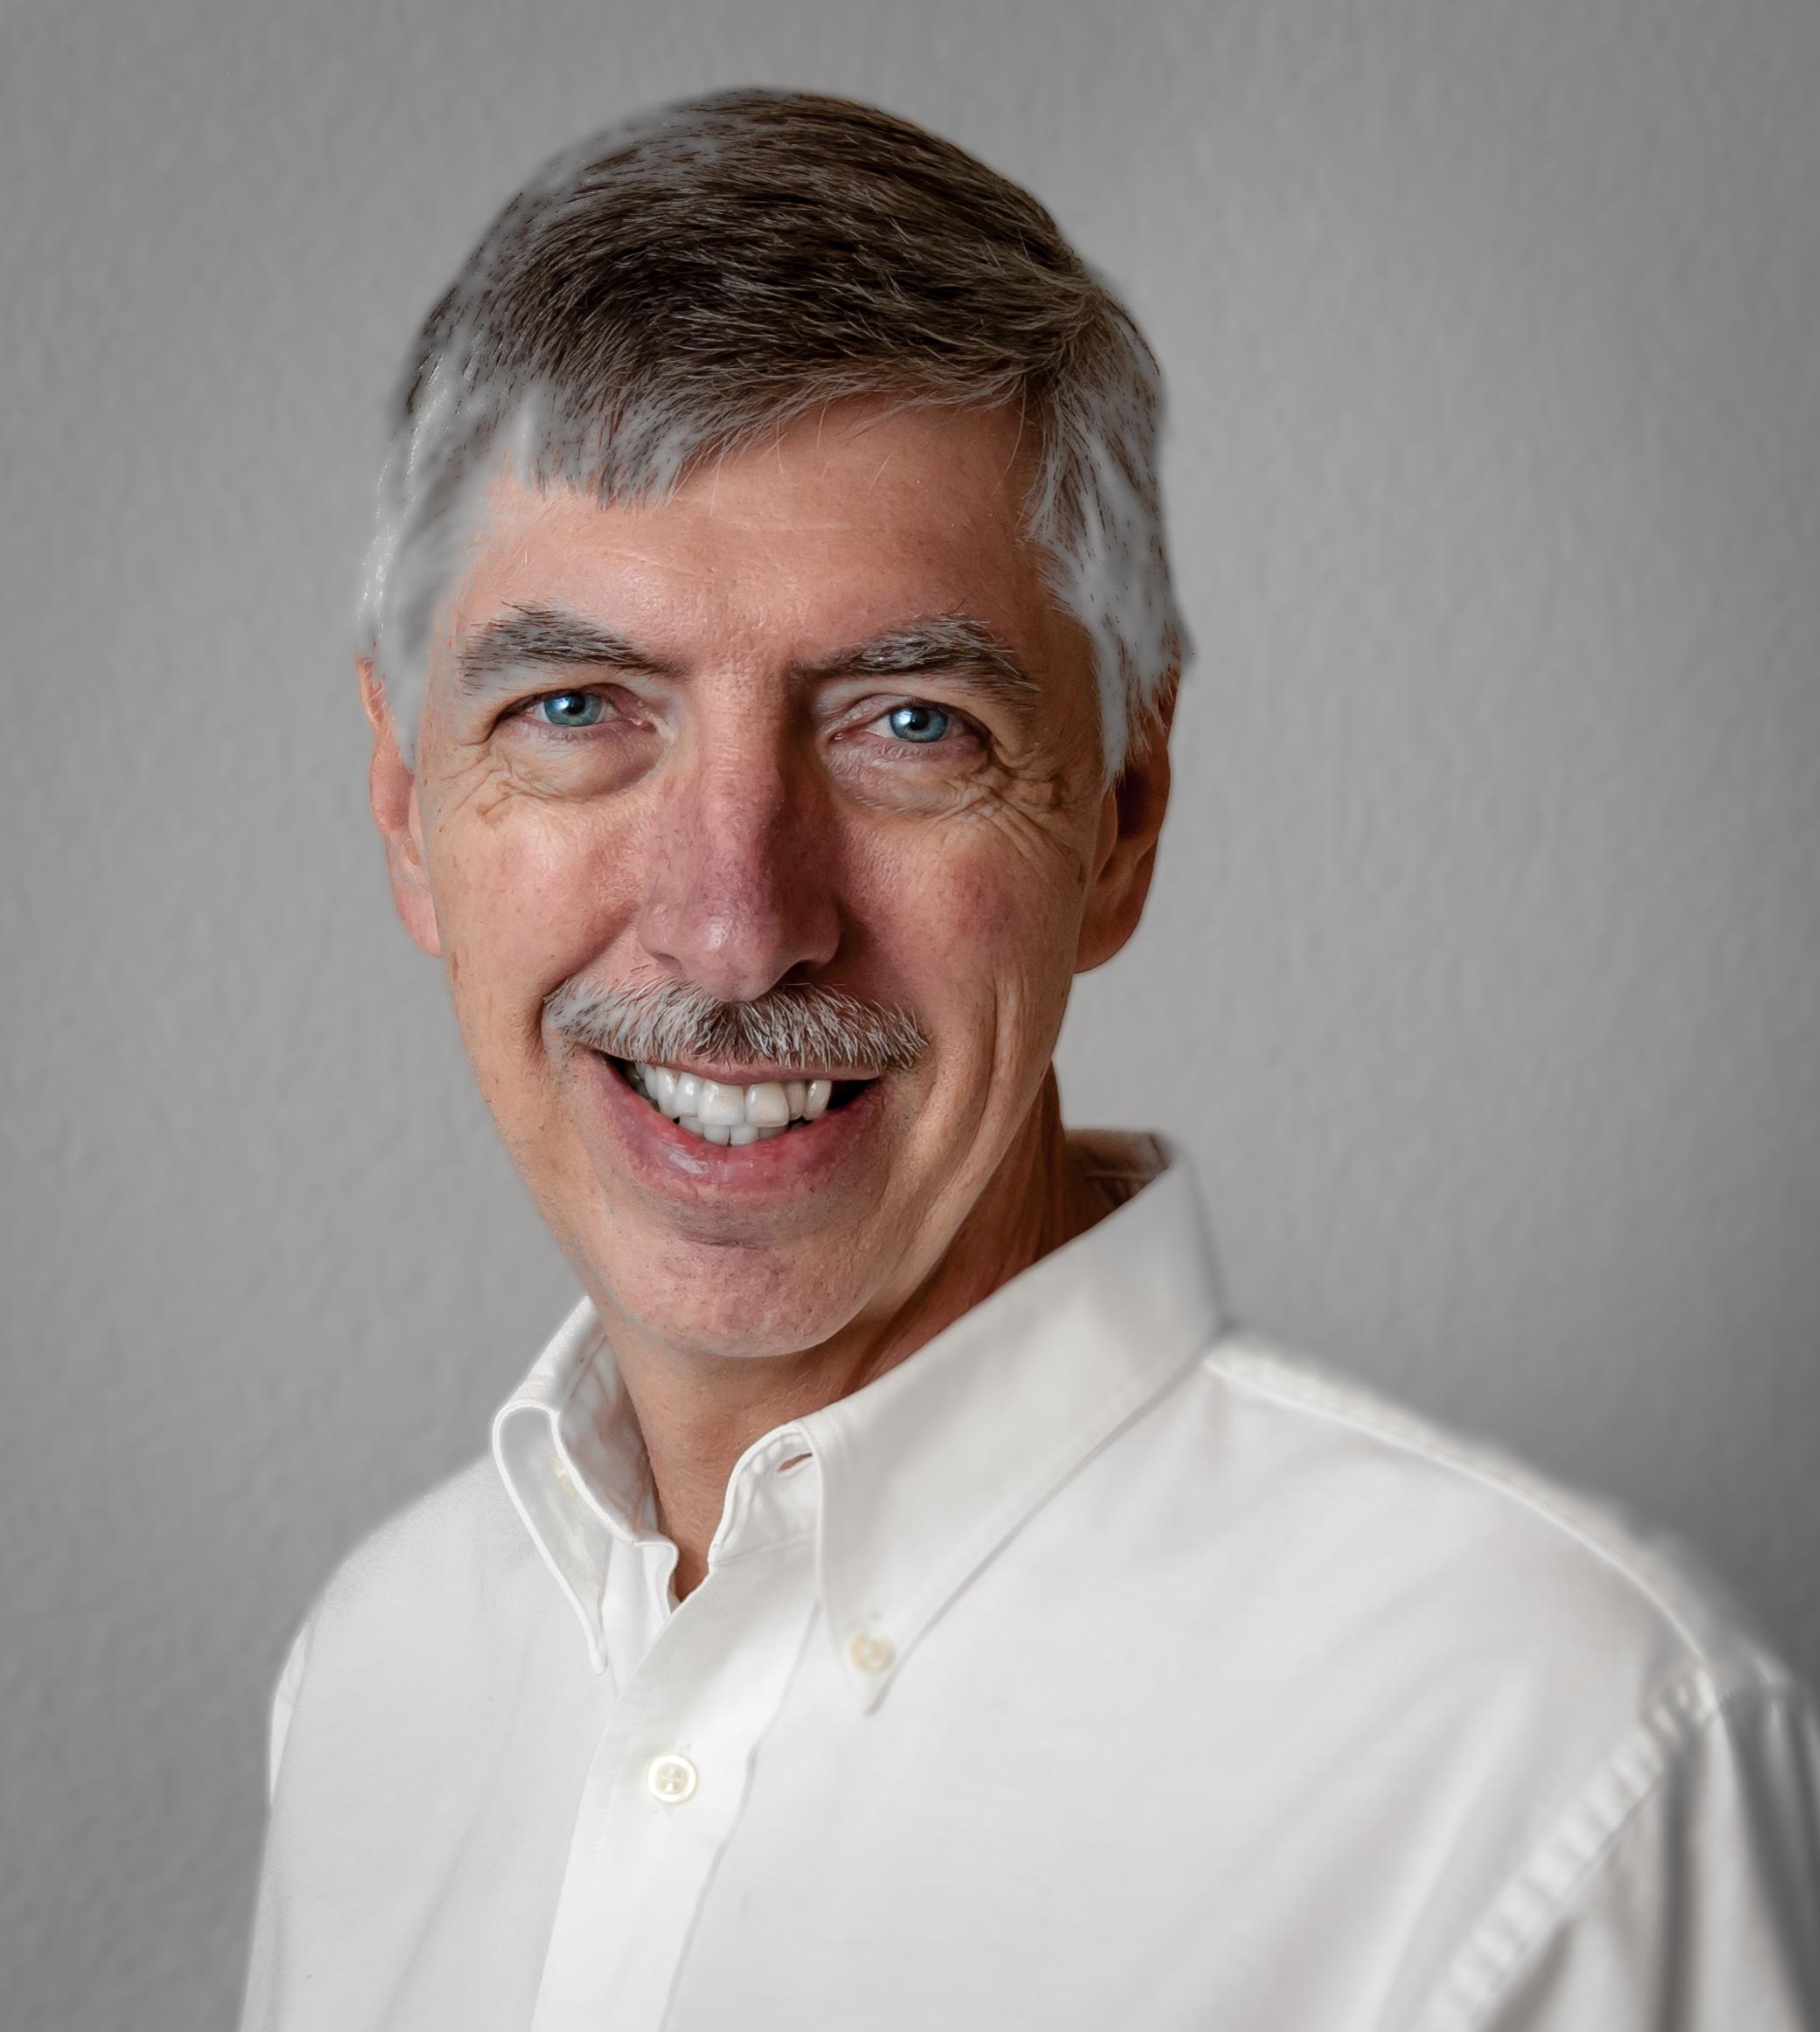 Wayne Narr, PhD